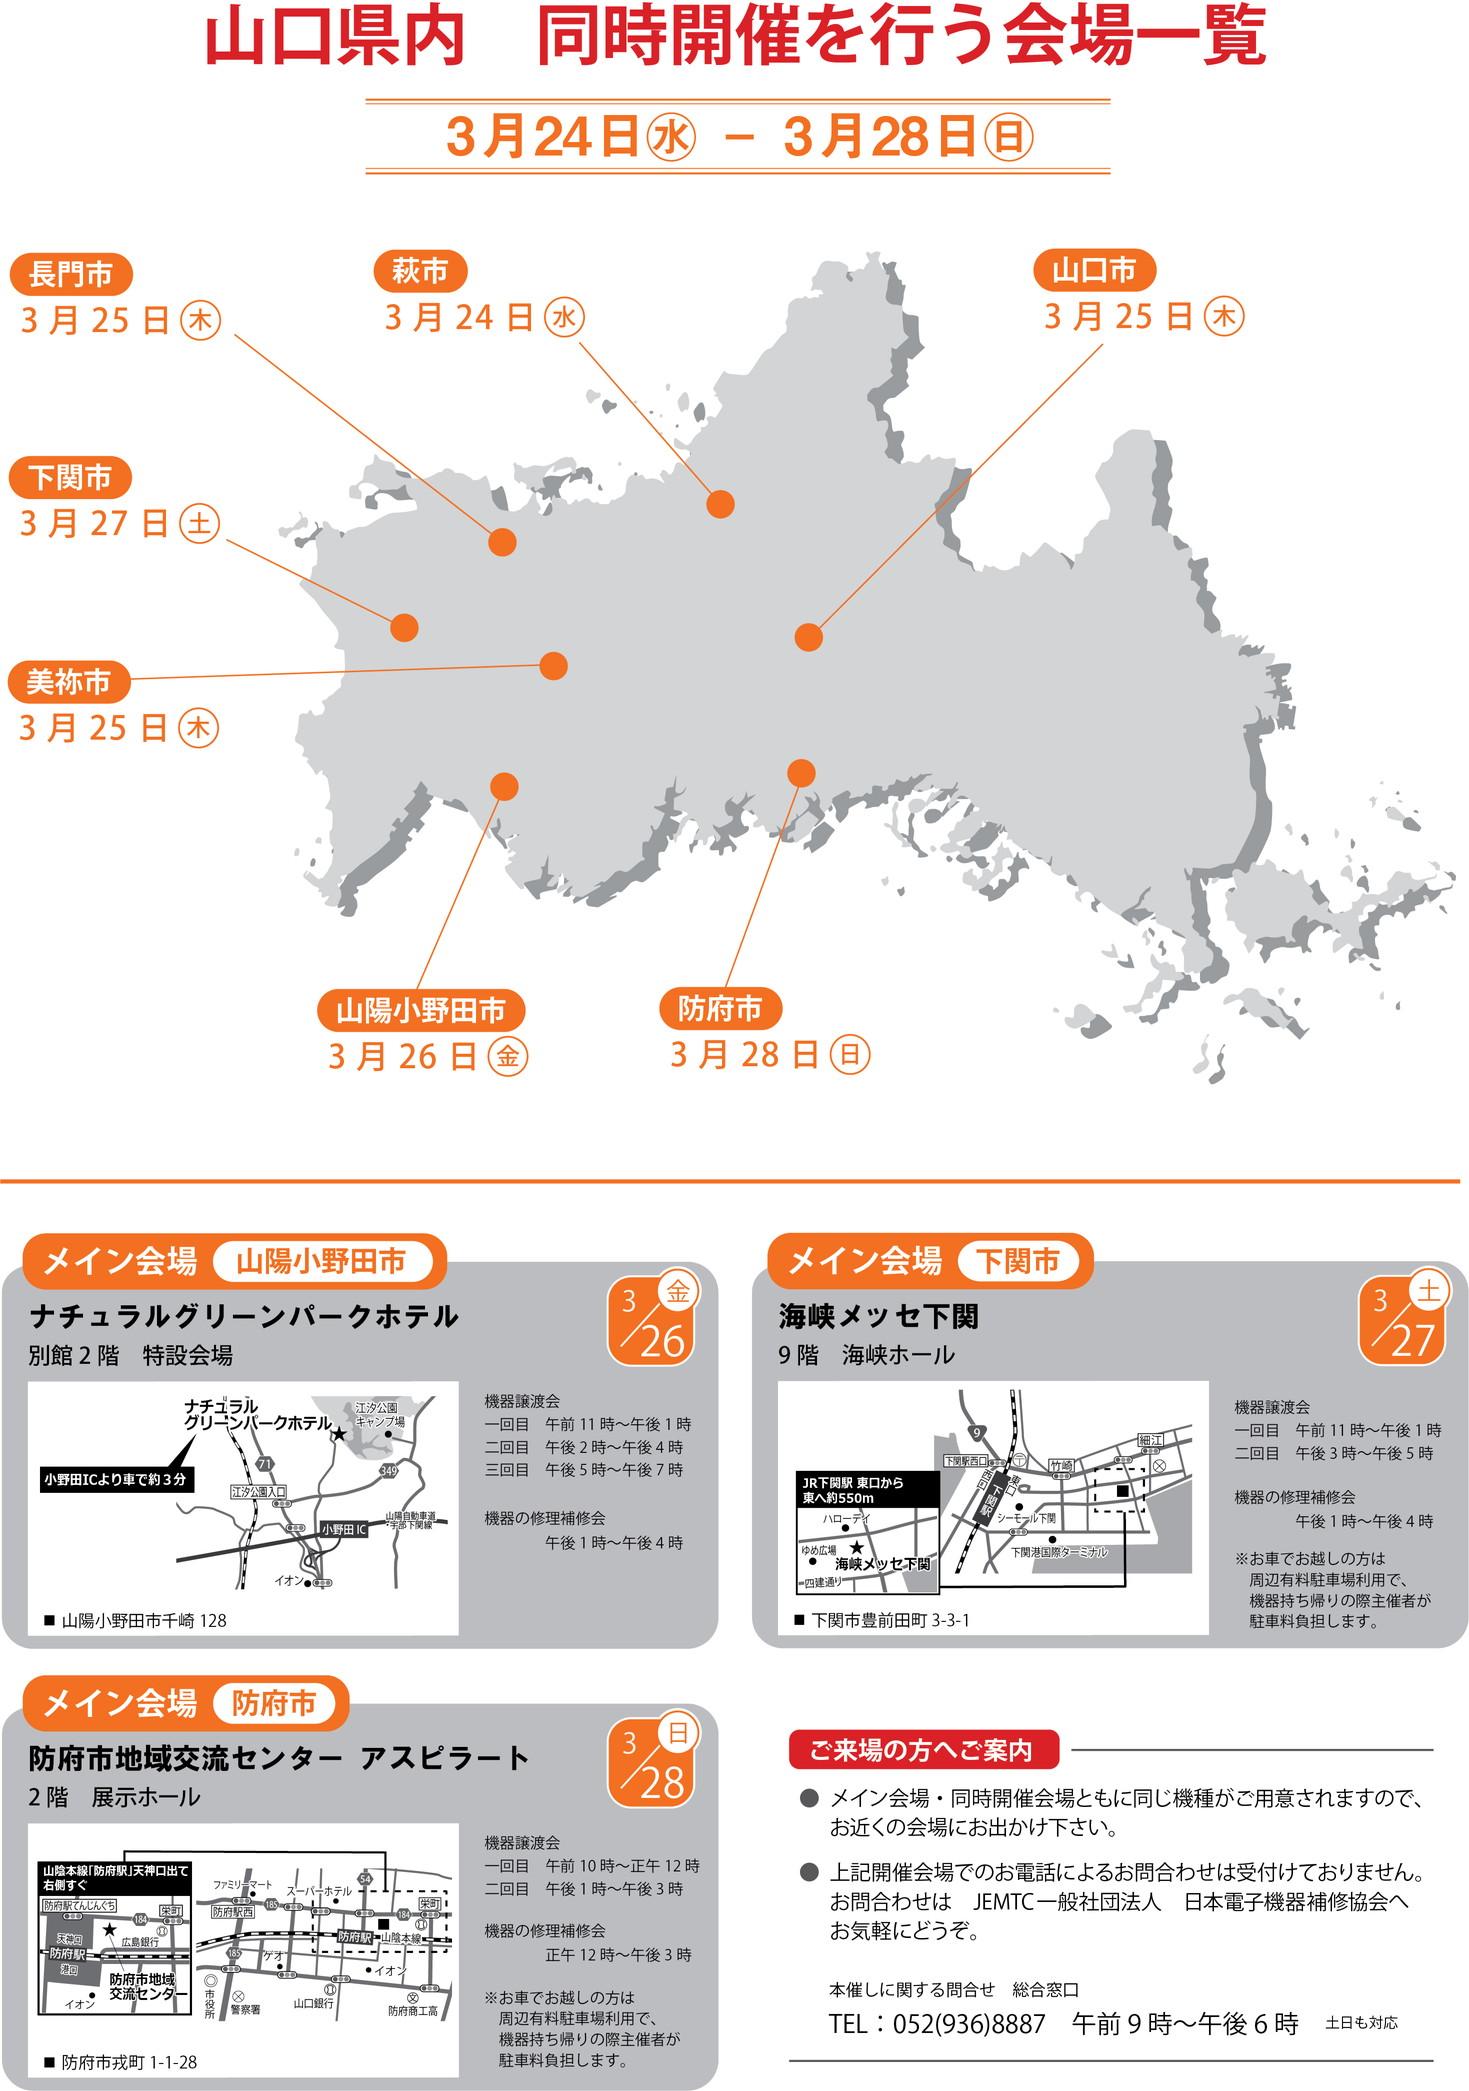 ジェムテクノートパソコン有償譲渡会in山口_他開催会場